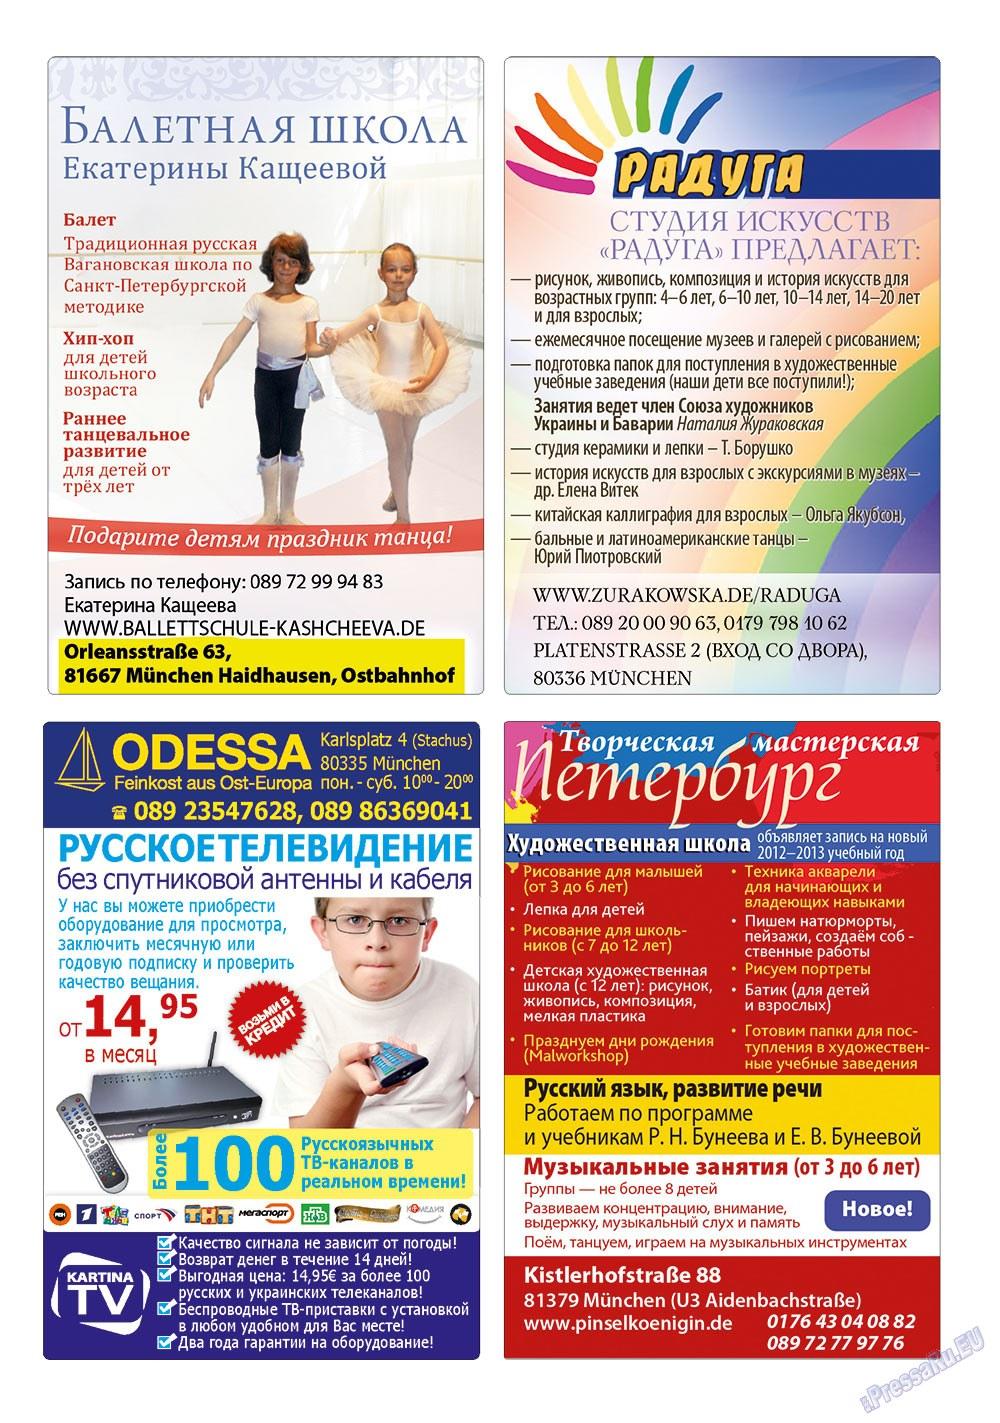 Апельсин (журнал). 2012 год, номер 41, стр. 29